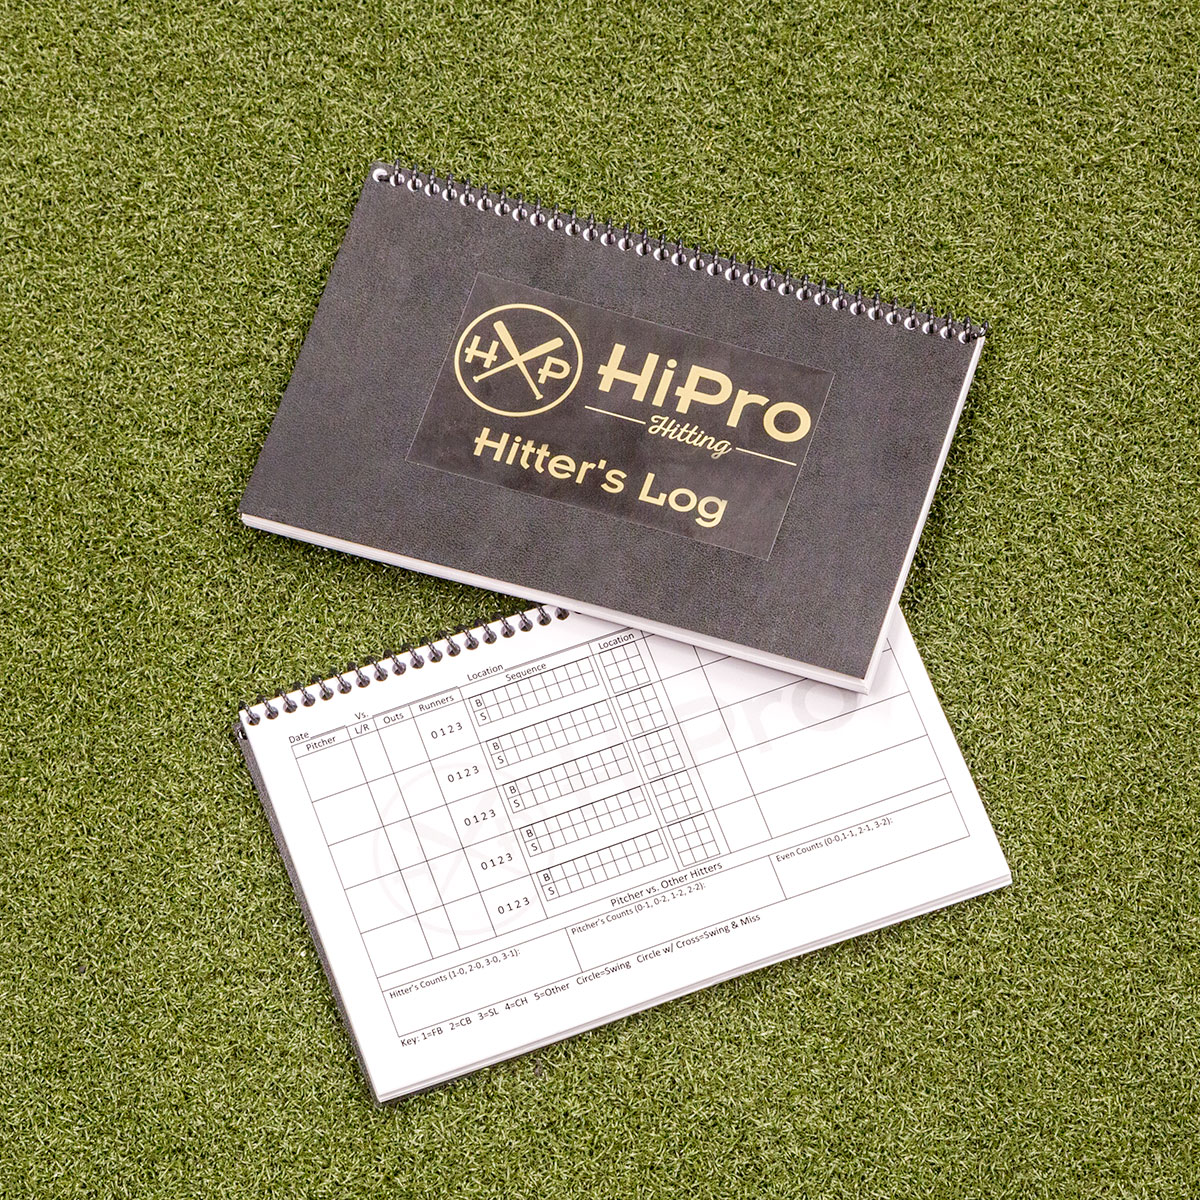 HiPro Hitting- Hitter's Log